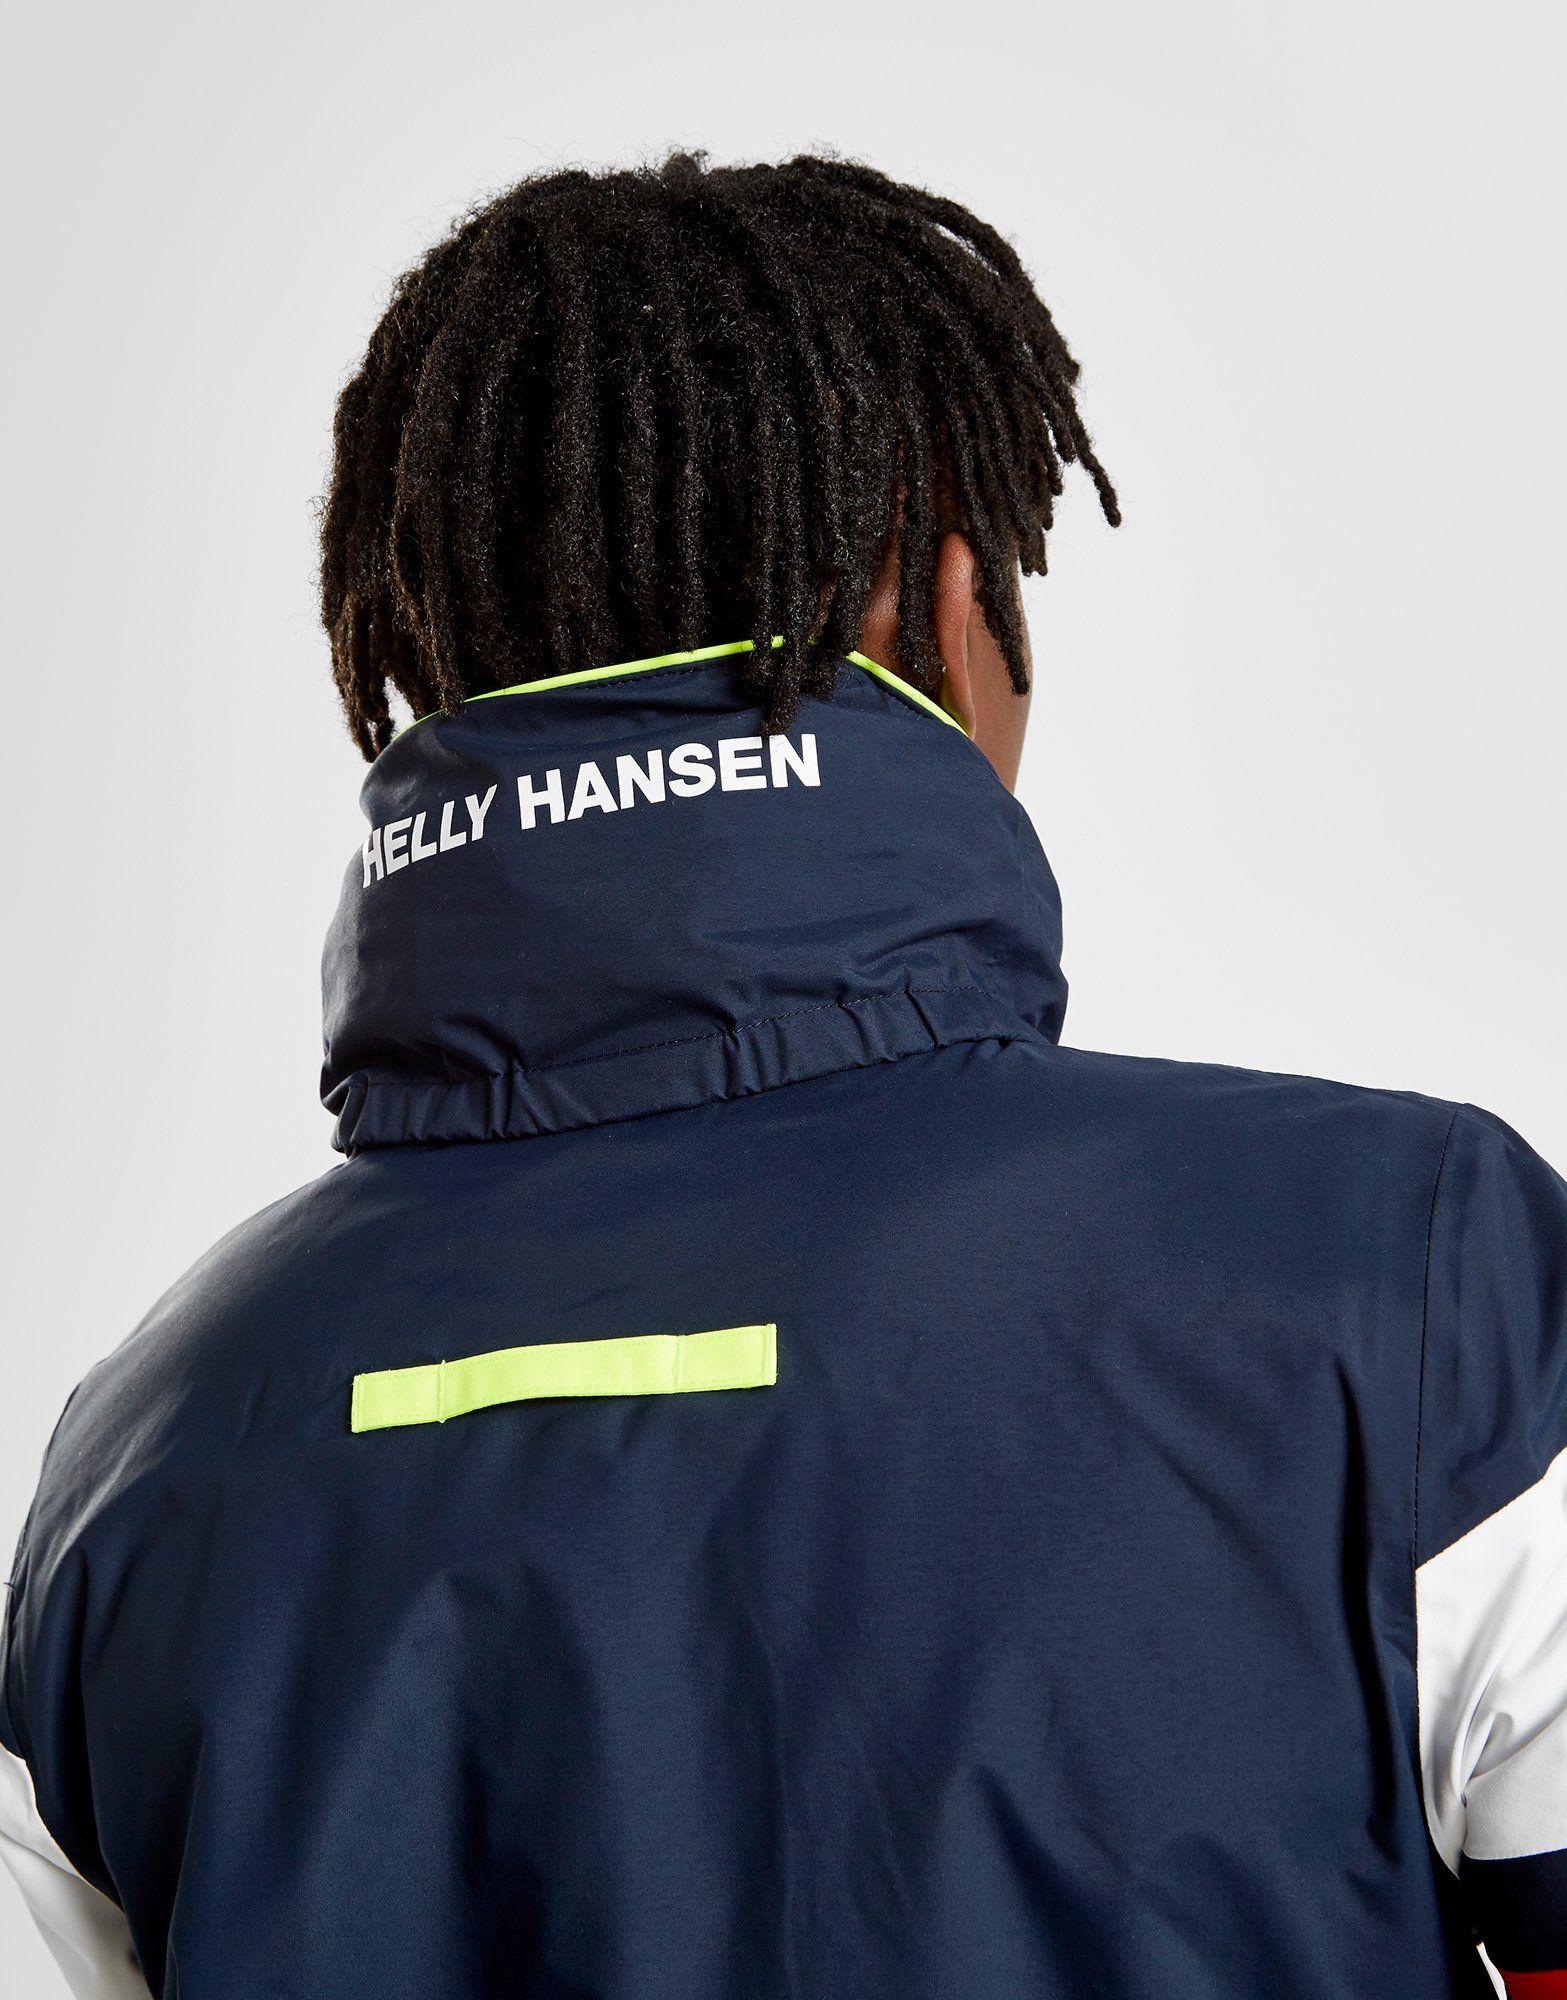 Helly Hansen Colour Block Jacket